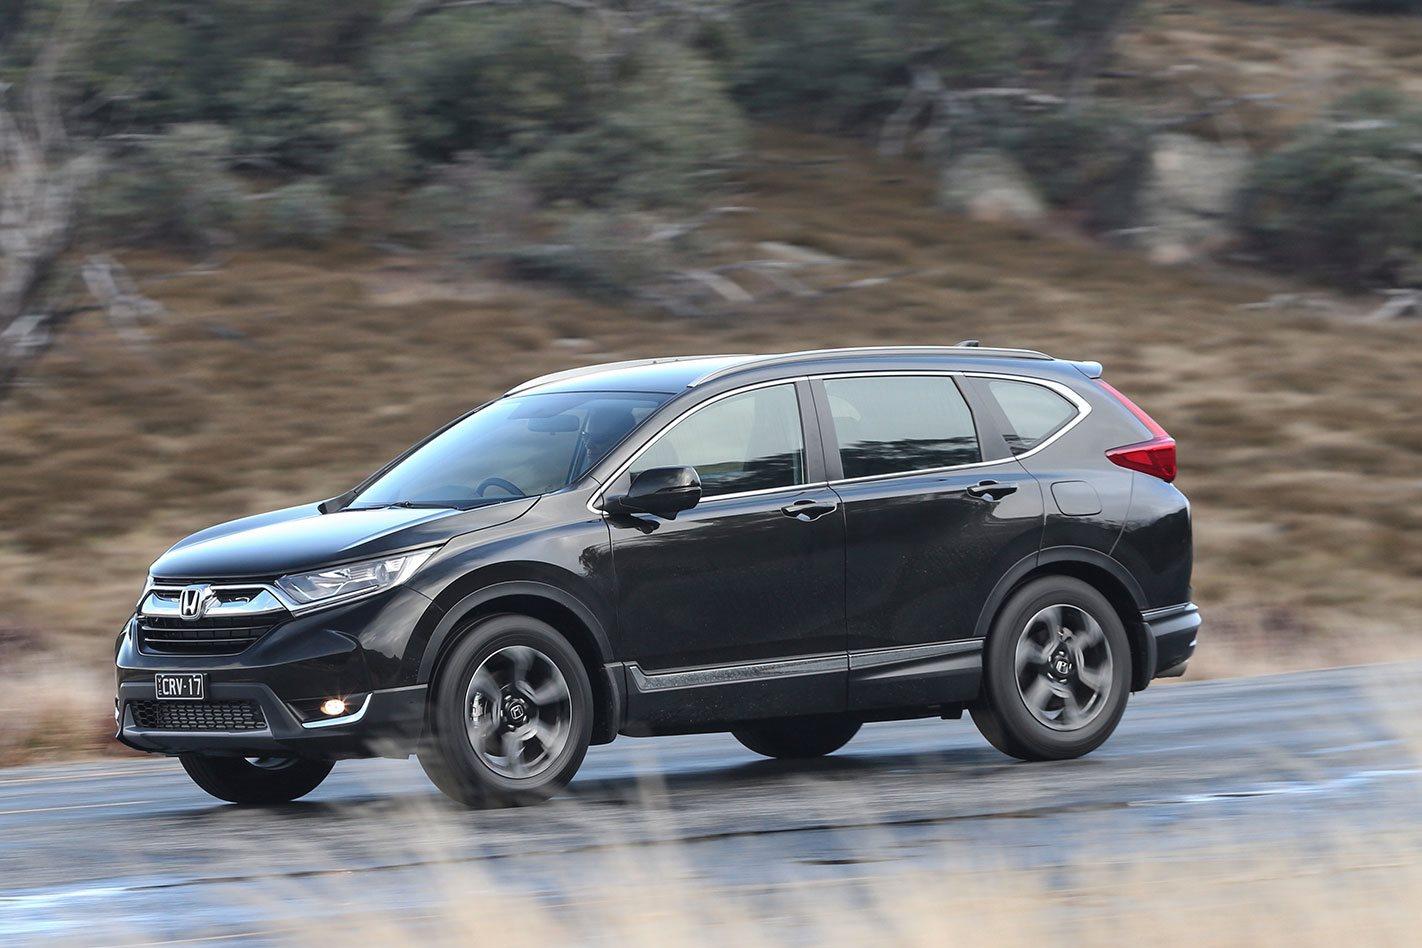 Honda CR-V 2019 Review, Price & Features | Australia